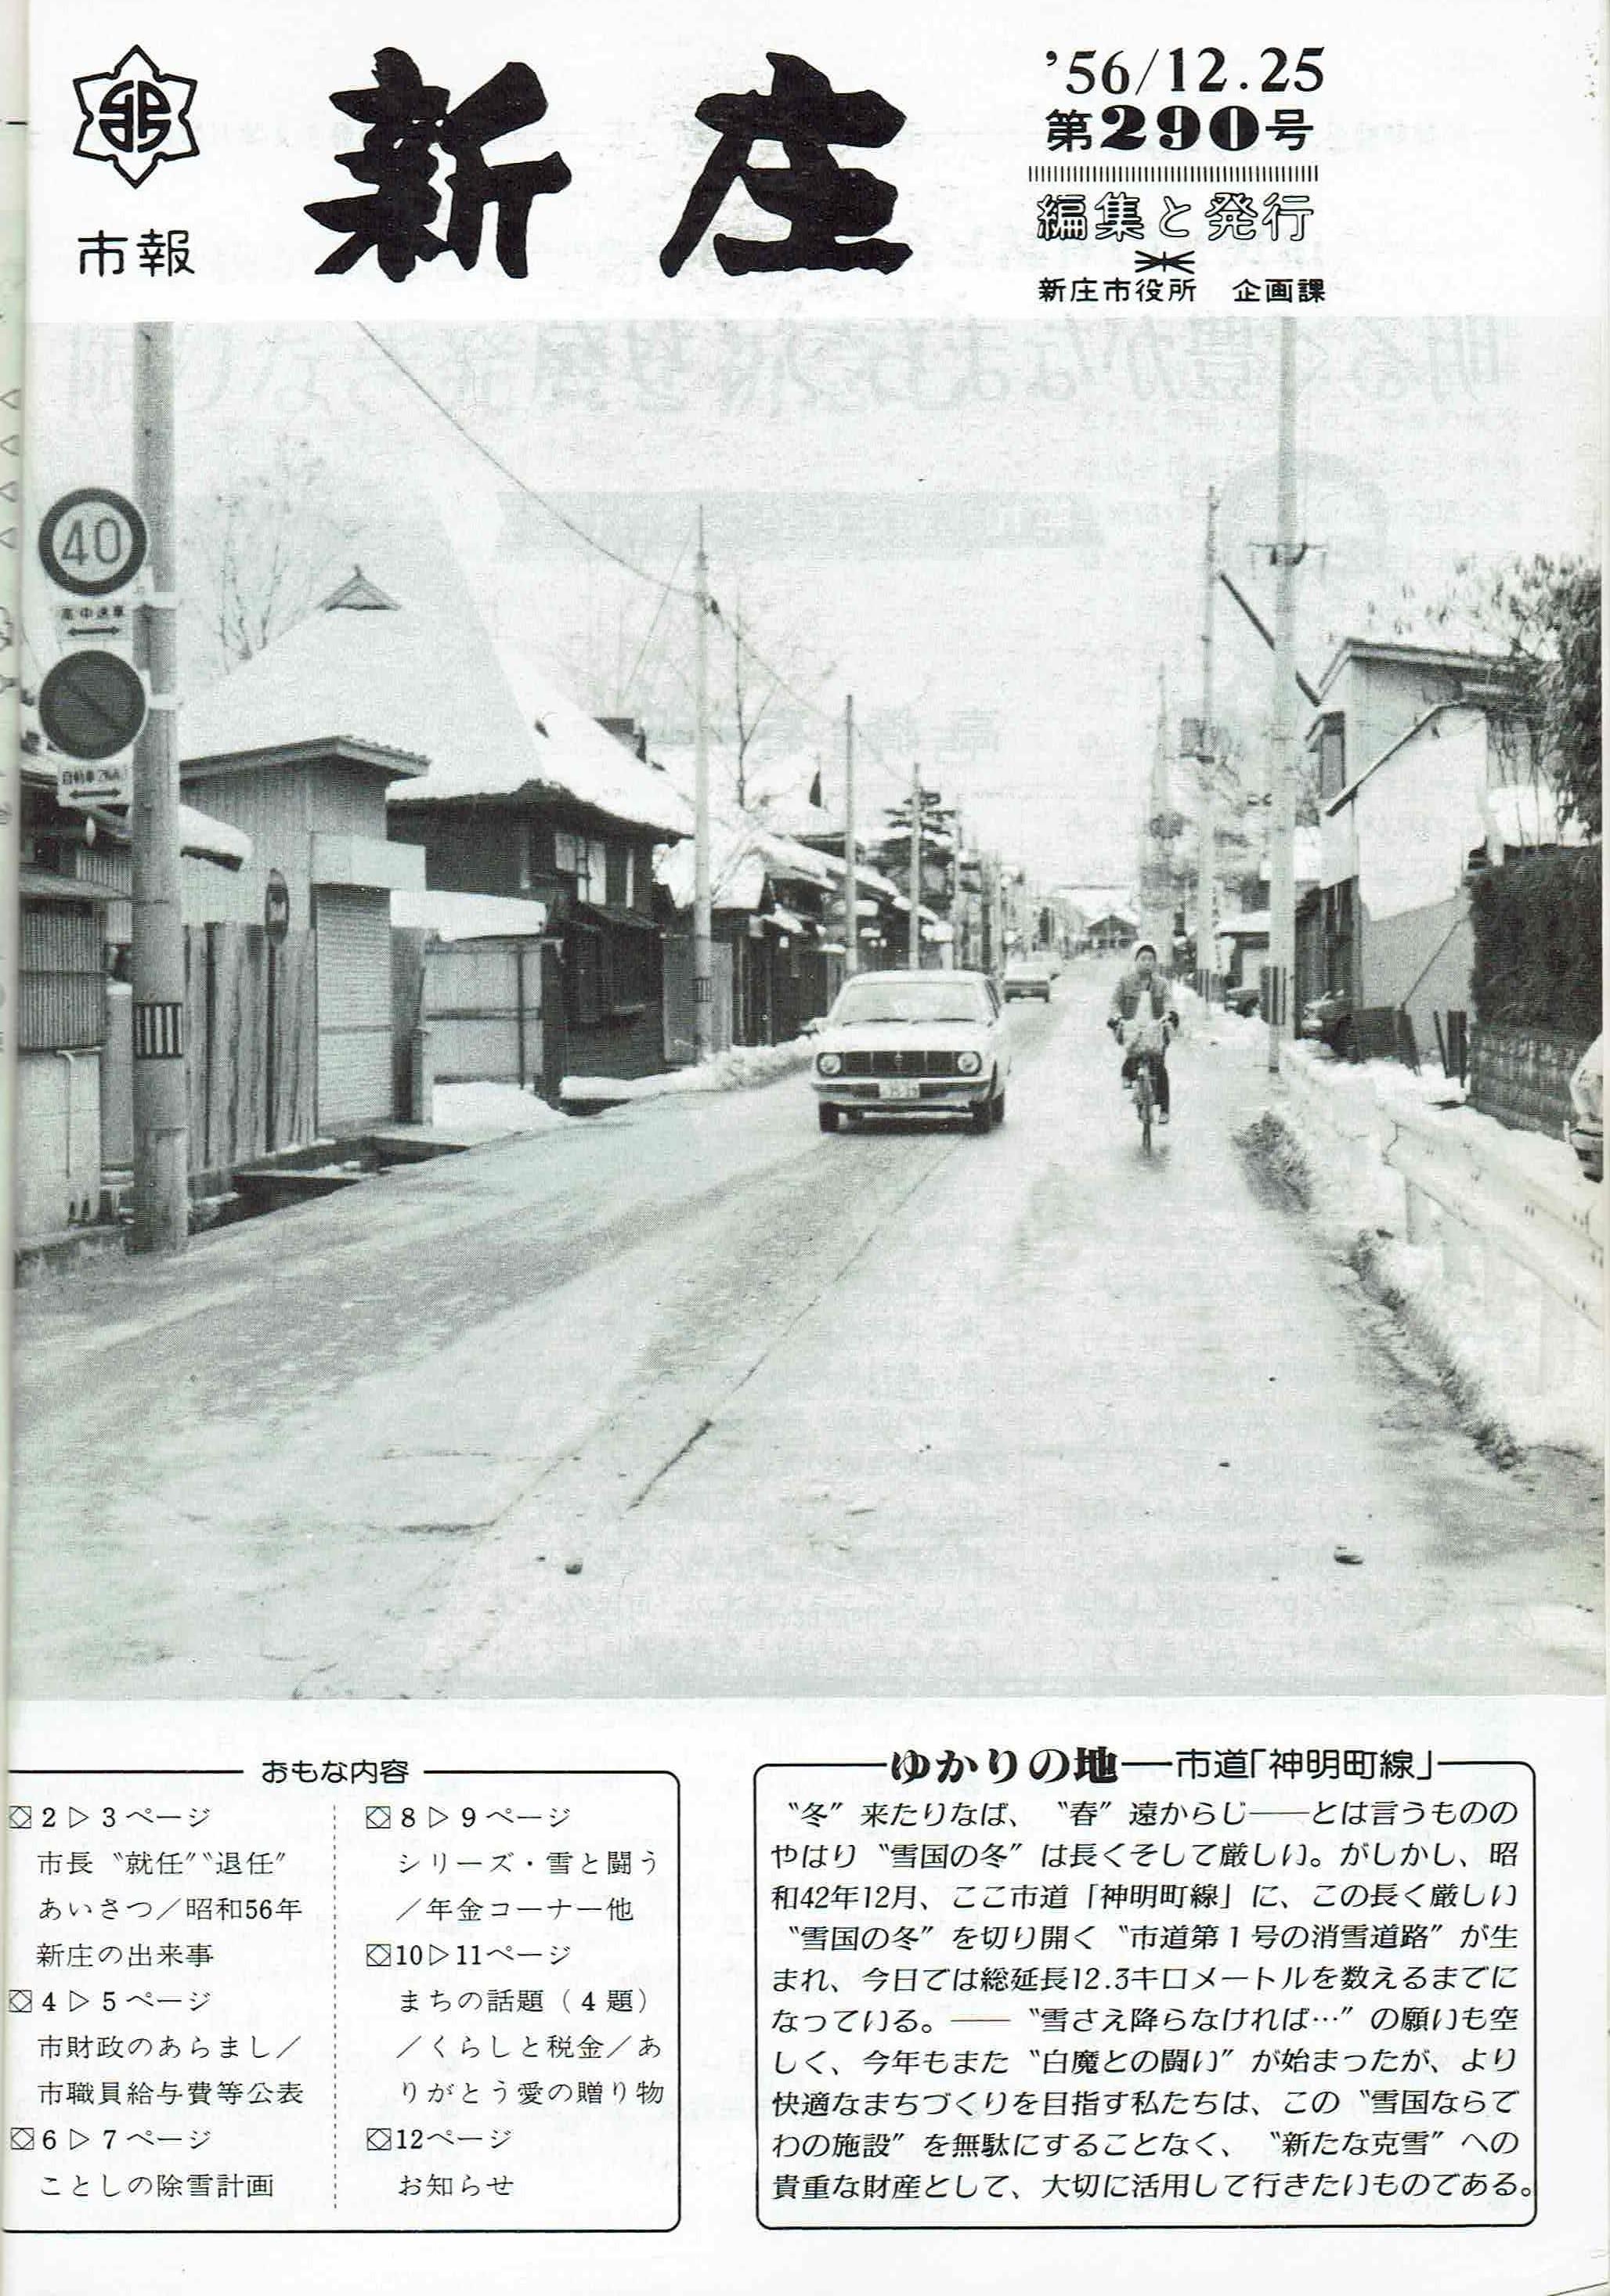 1981年 広報しんじょう12月号